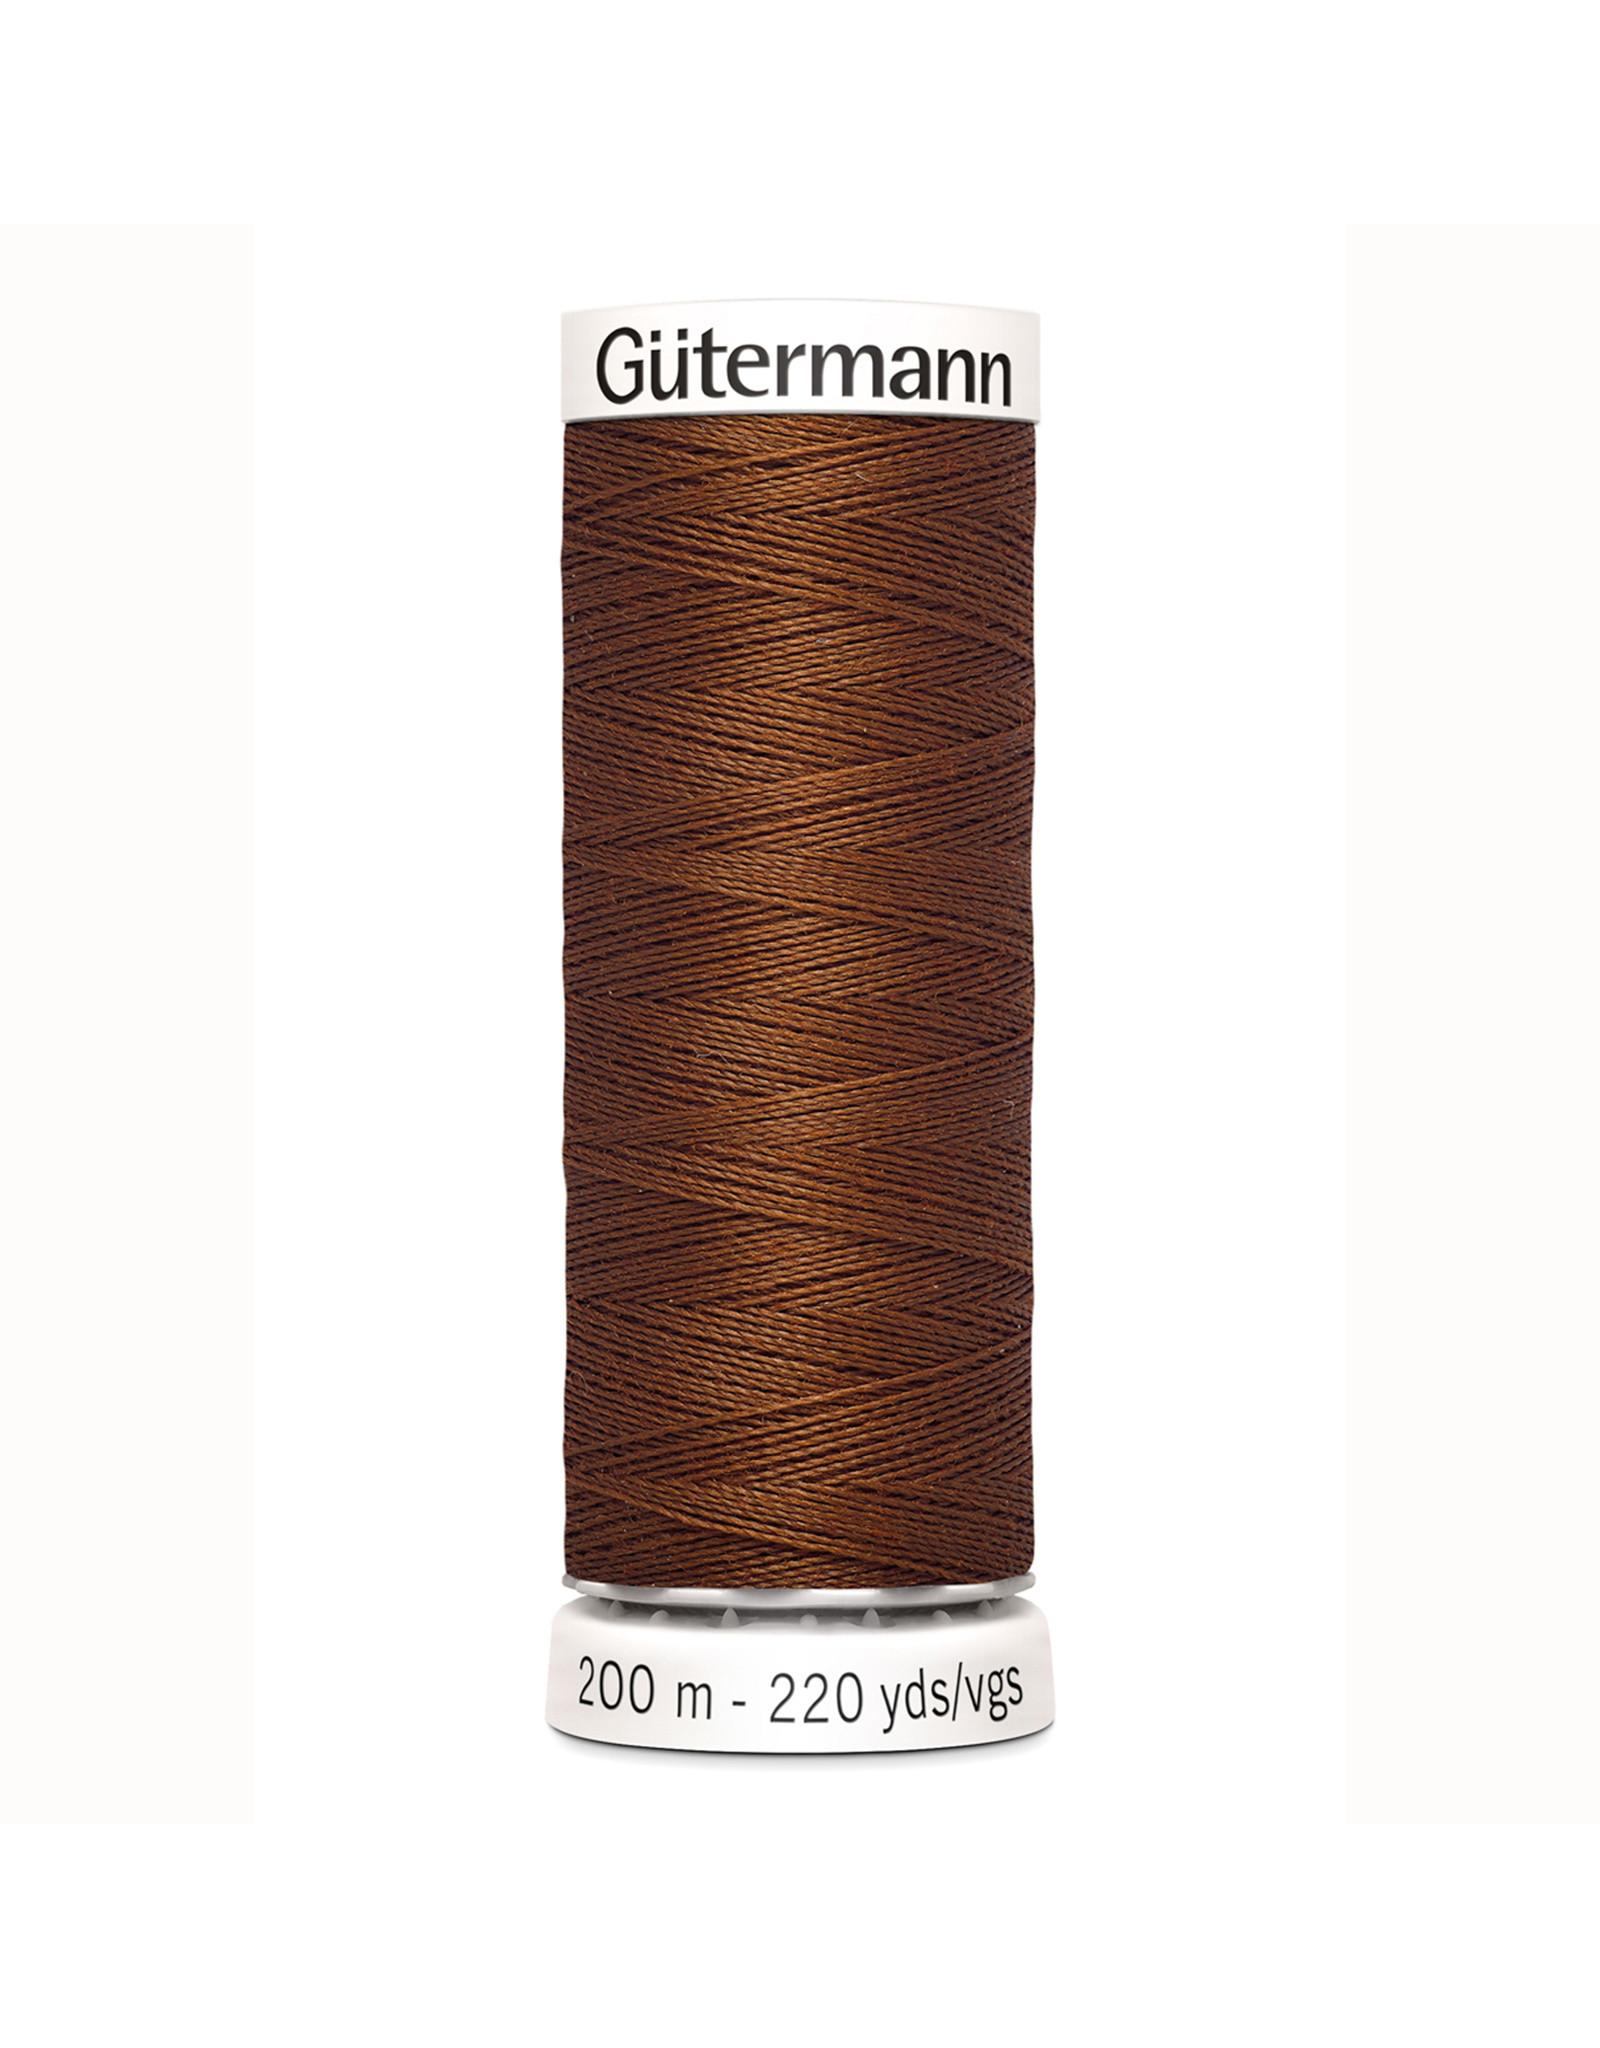 Gütermann Gütermann Nähgarn 200 m - nr 650